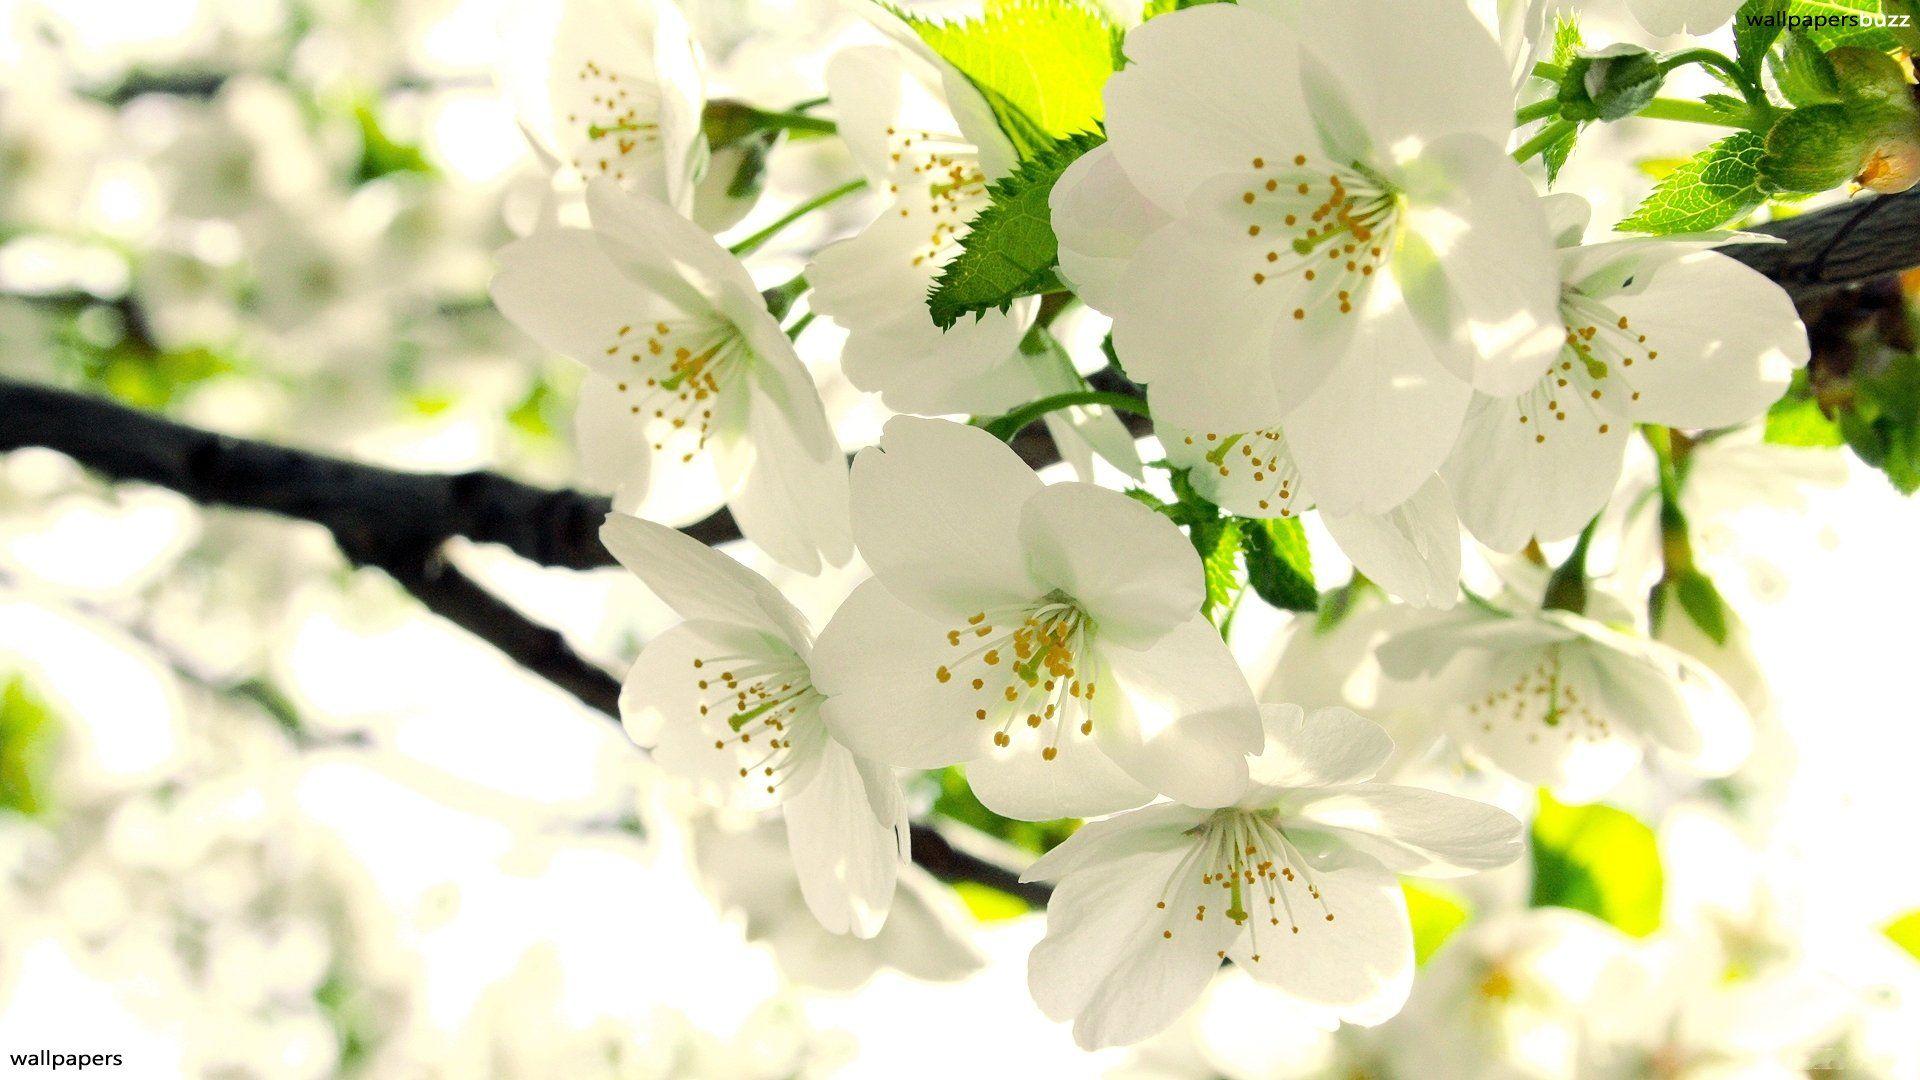 White Flowers In Basket Wallpaper Hd Download Desktop 1024 768 White Flowers Images Wallpape Beautiful Flowers Photos Apple Tree Flowers White Flower Wallpaper